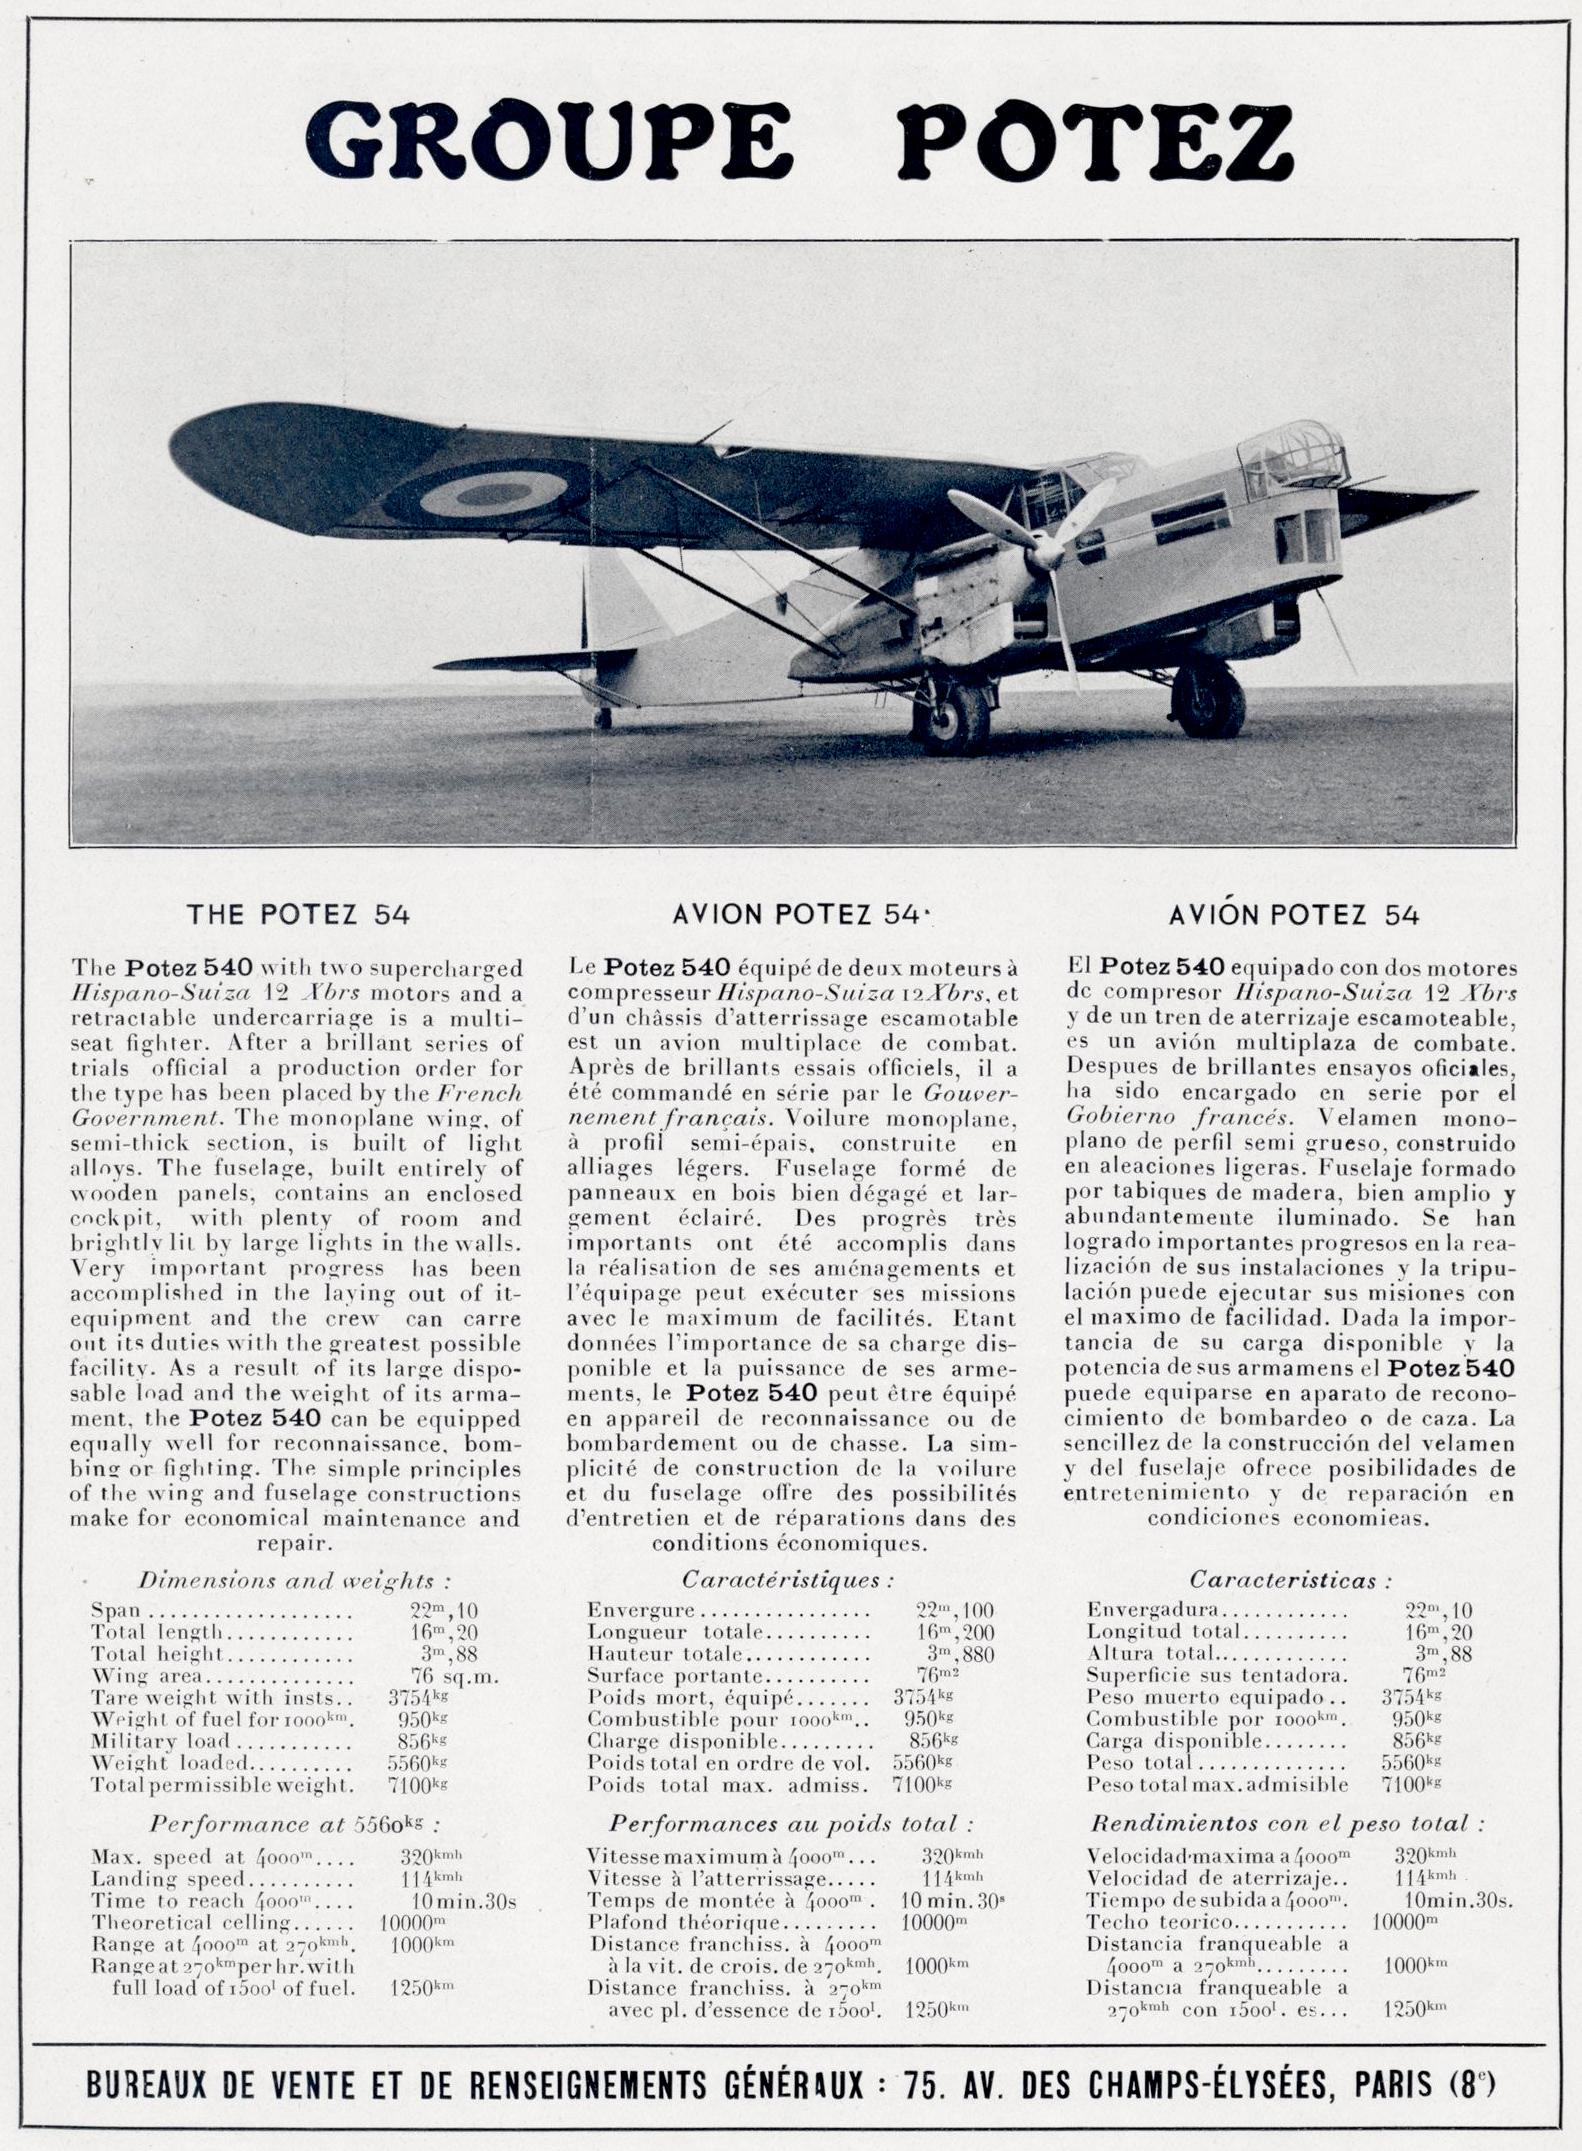 L'Aéronautique__dic-1934-6